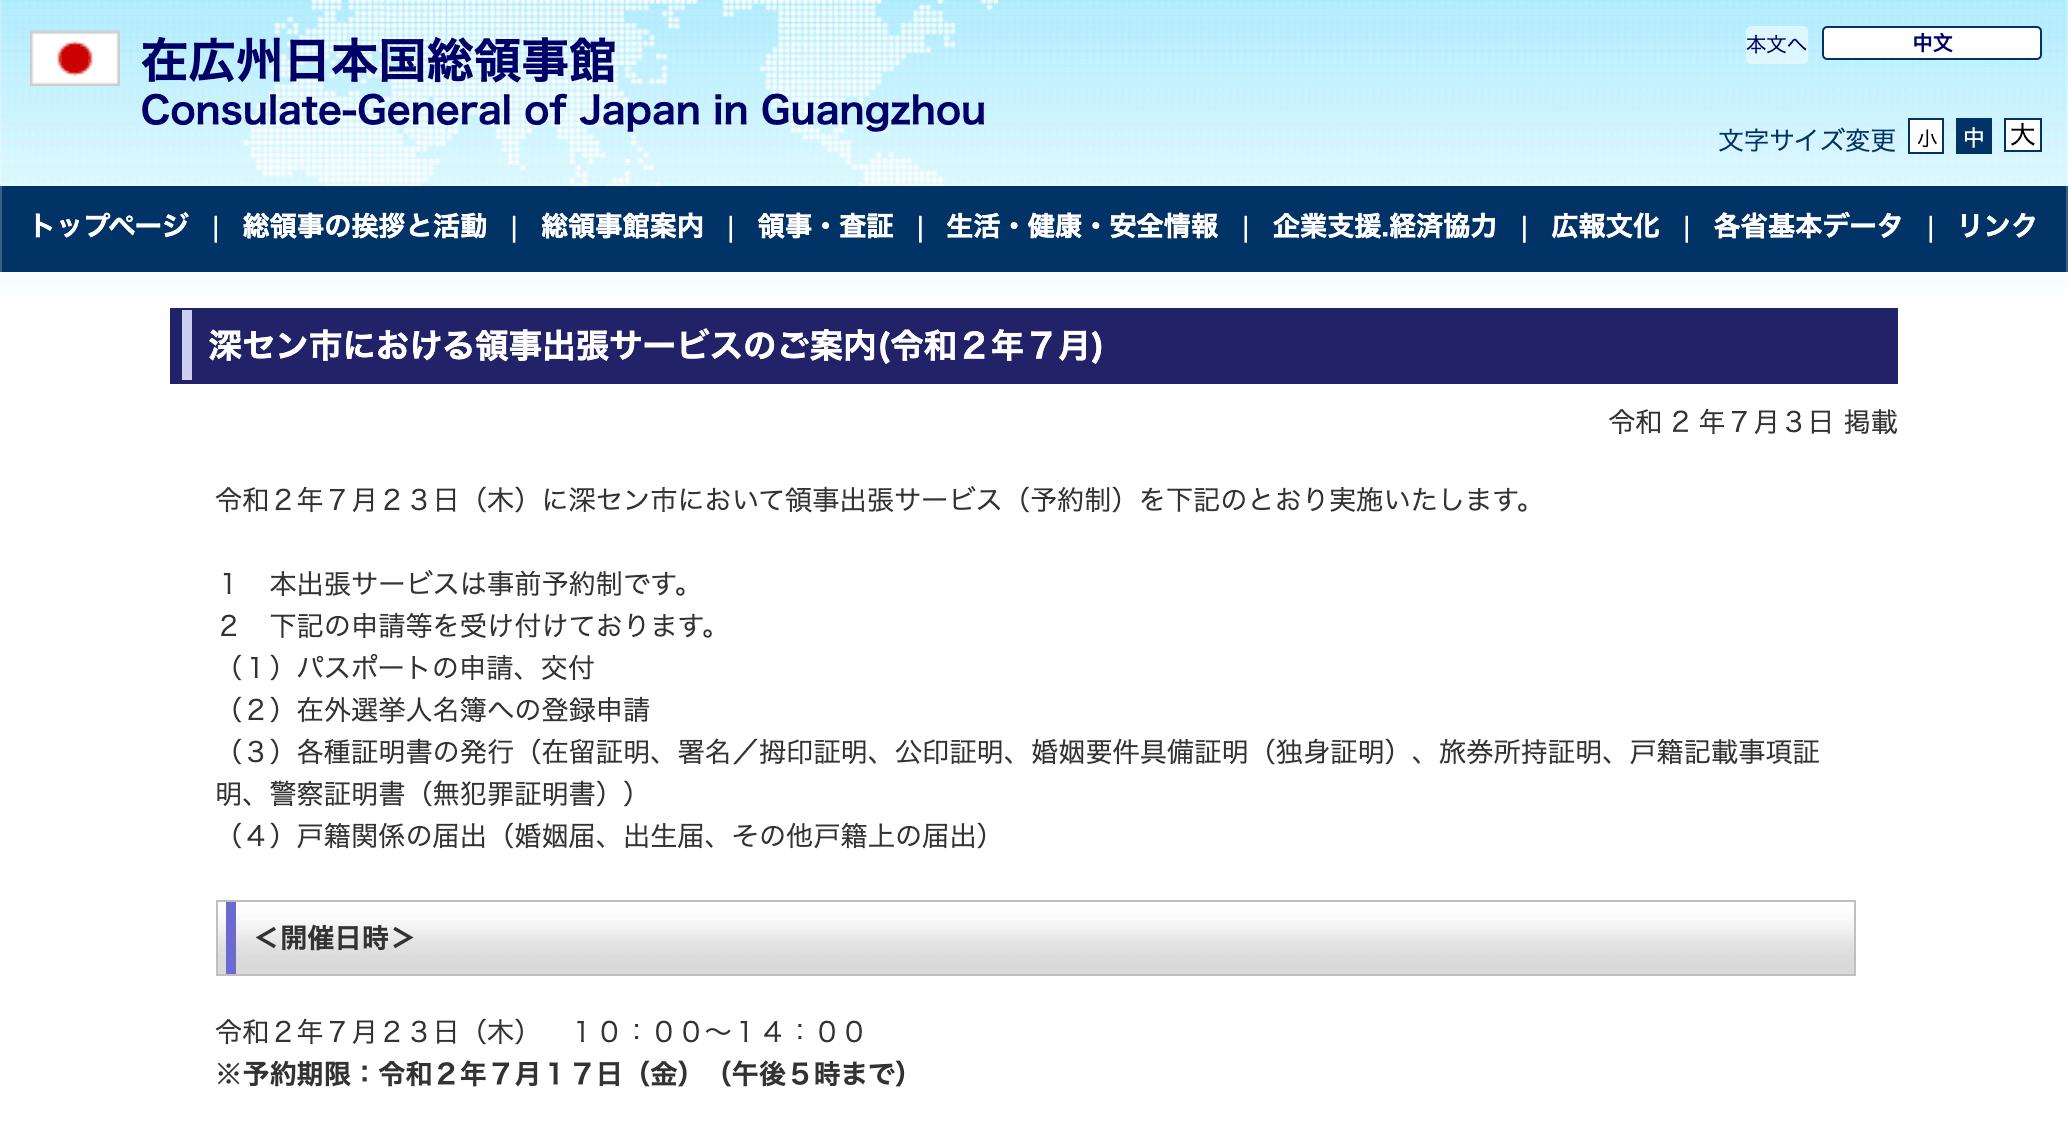 【広州総領事館】深セン市にて領事出張サービスを7/23に開催予定ー予約方法・開催場所解説